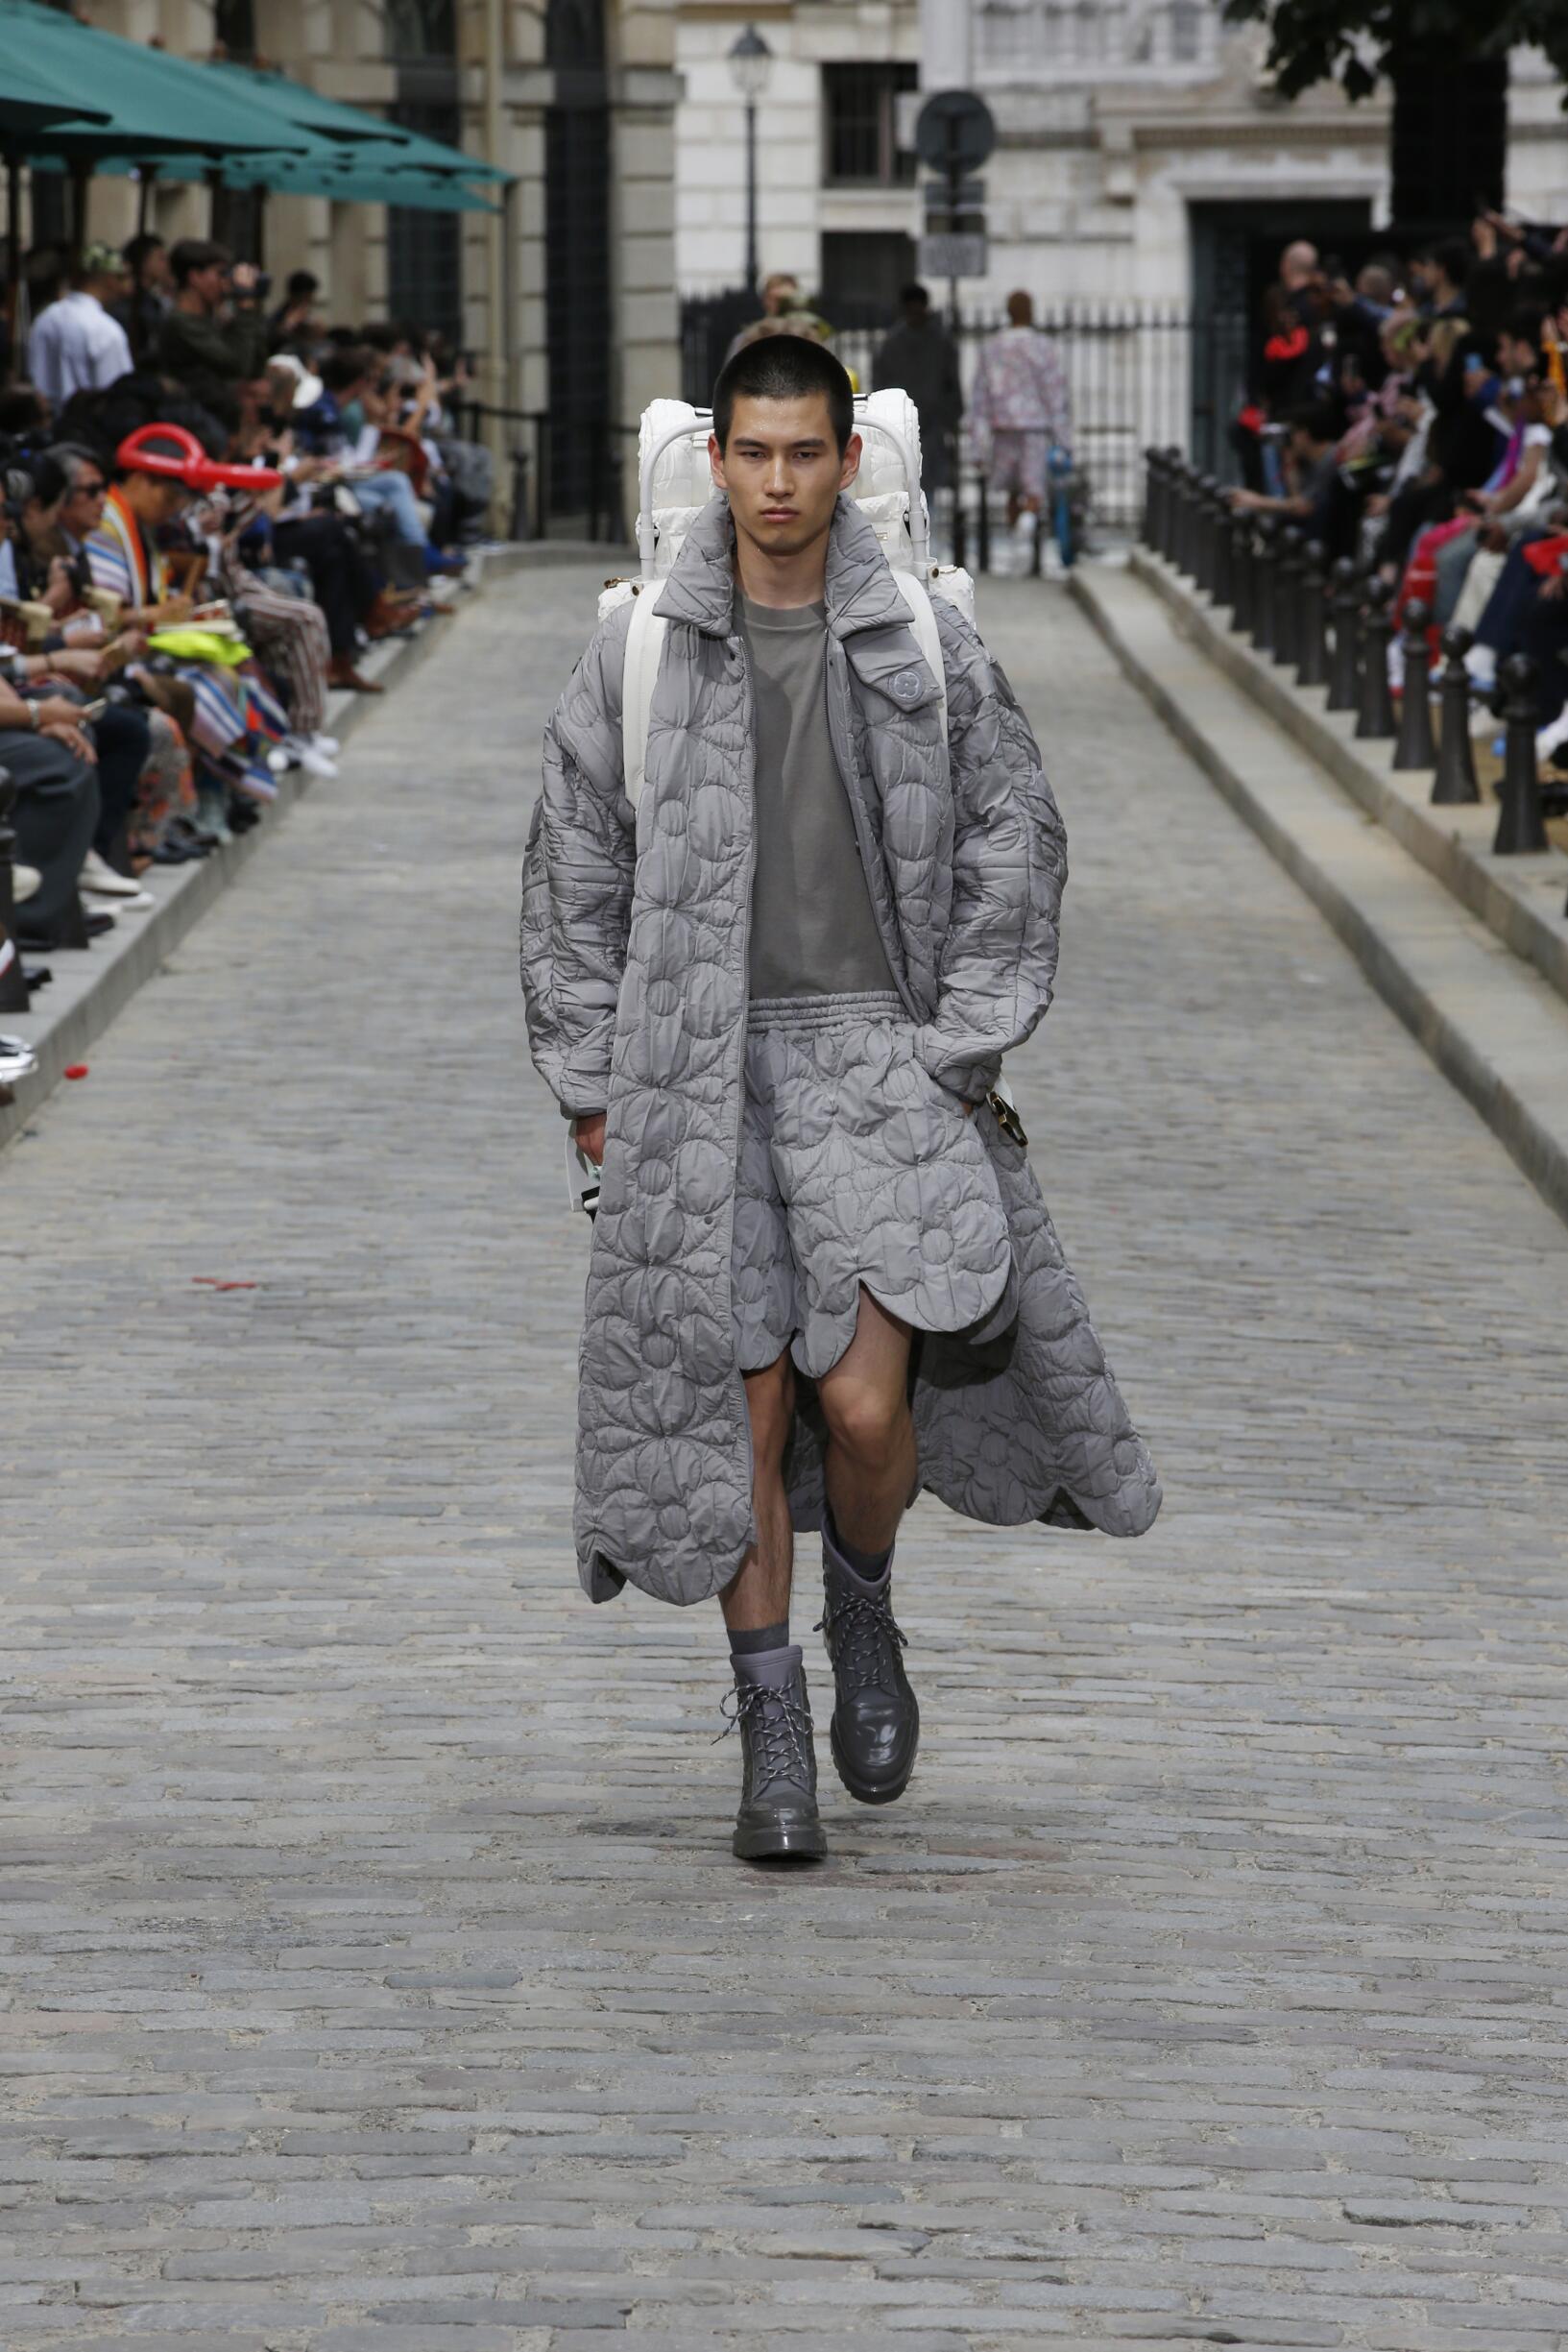 Catwalk Louis Vuitton Summer 2020